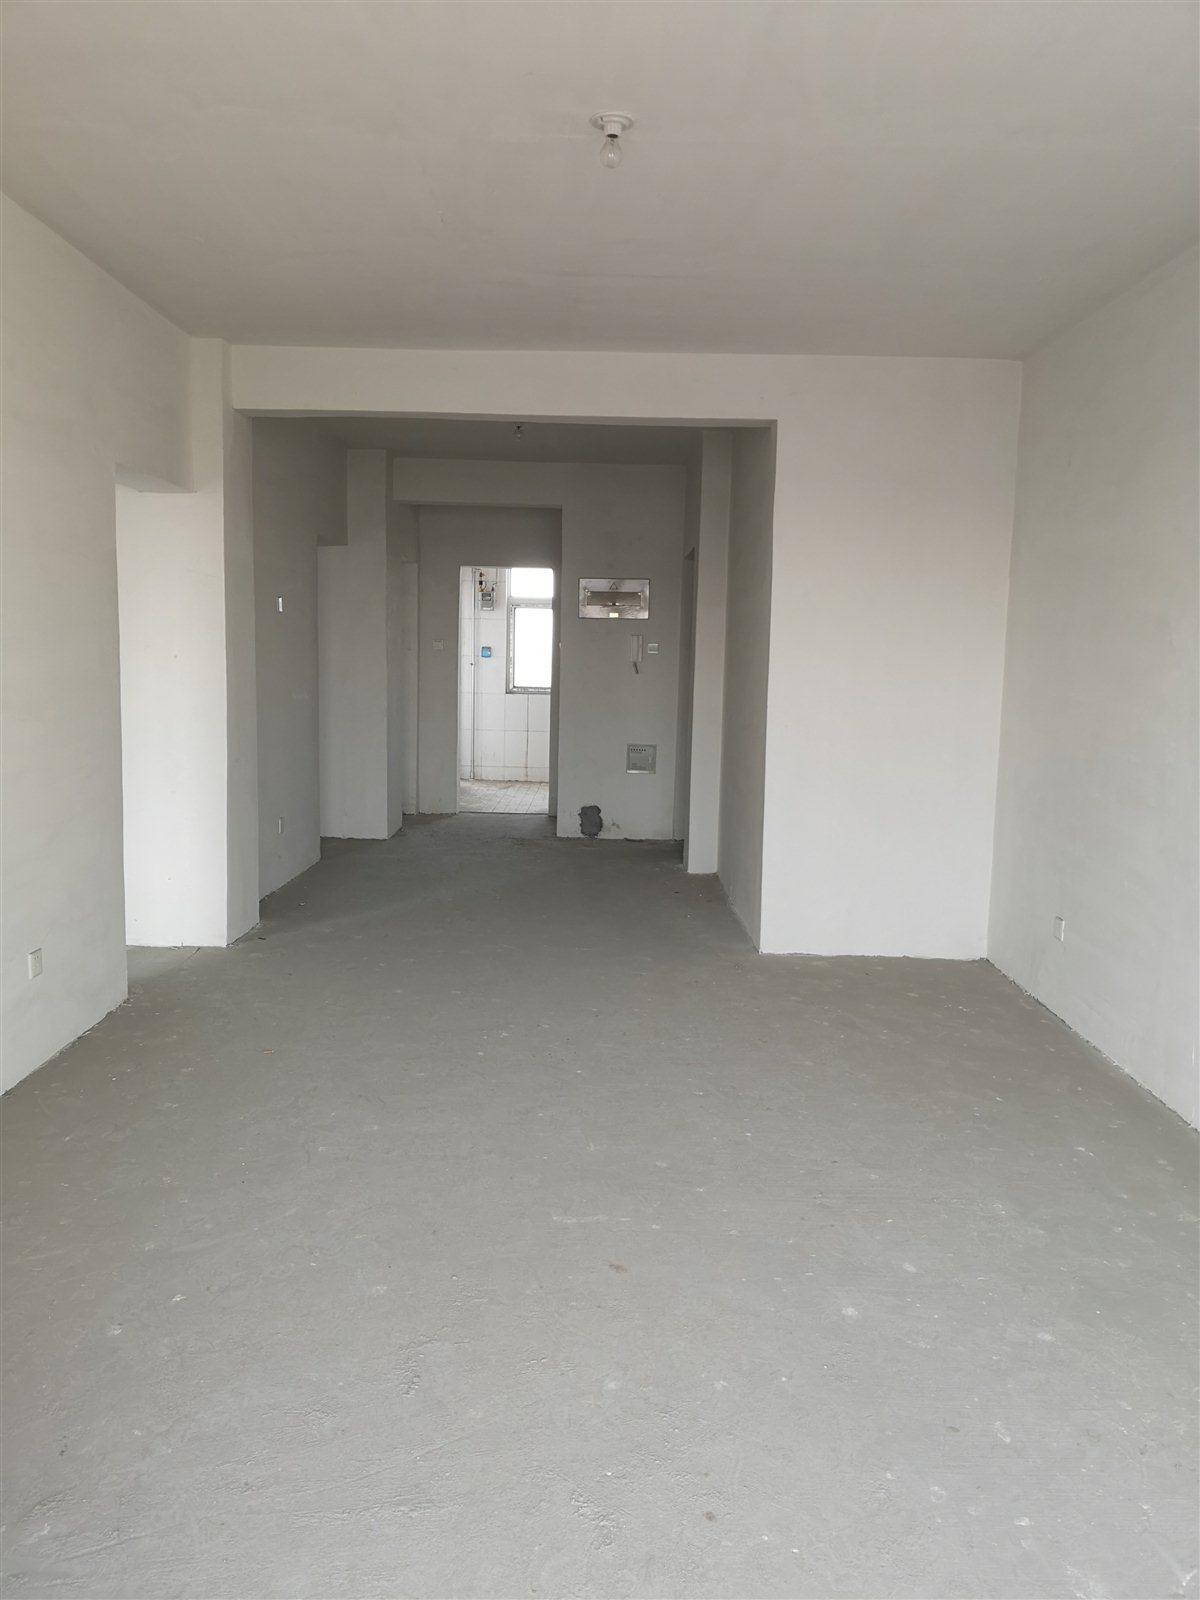 泰和苑10楼两室两厅一卫带车库毛坯房100平78万